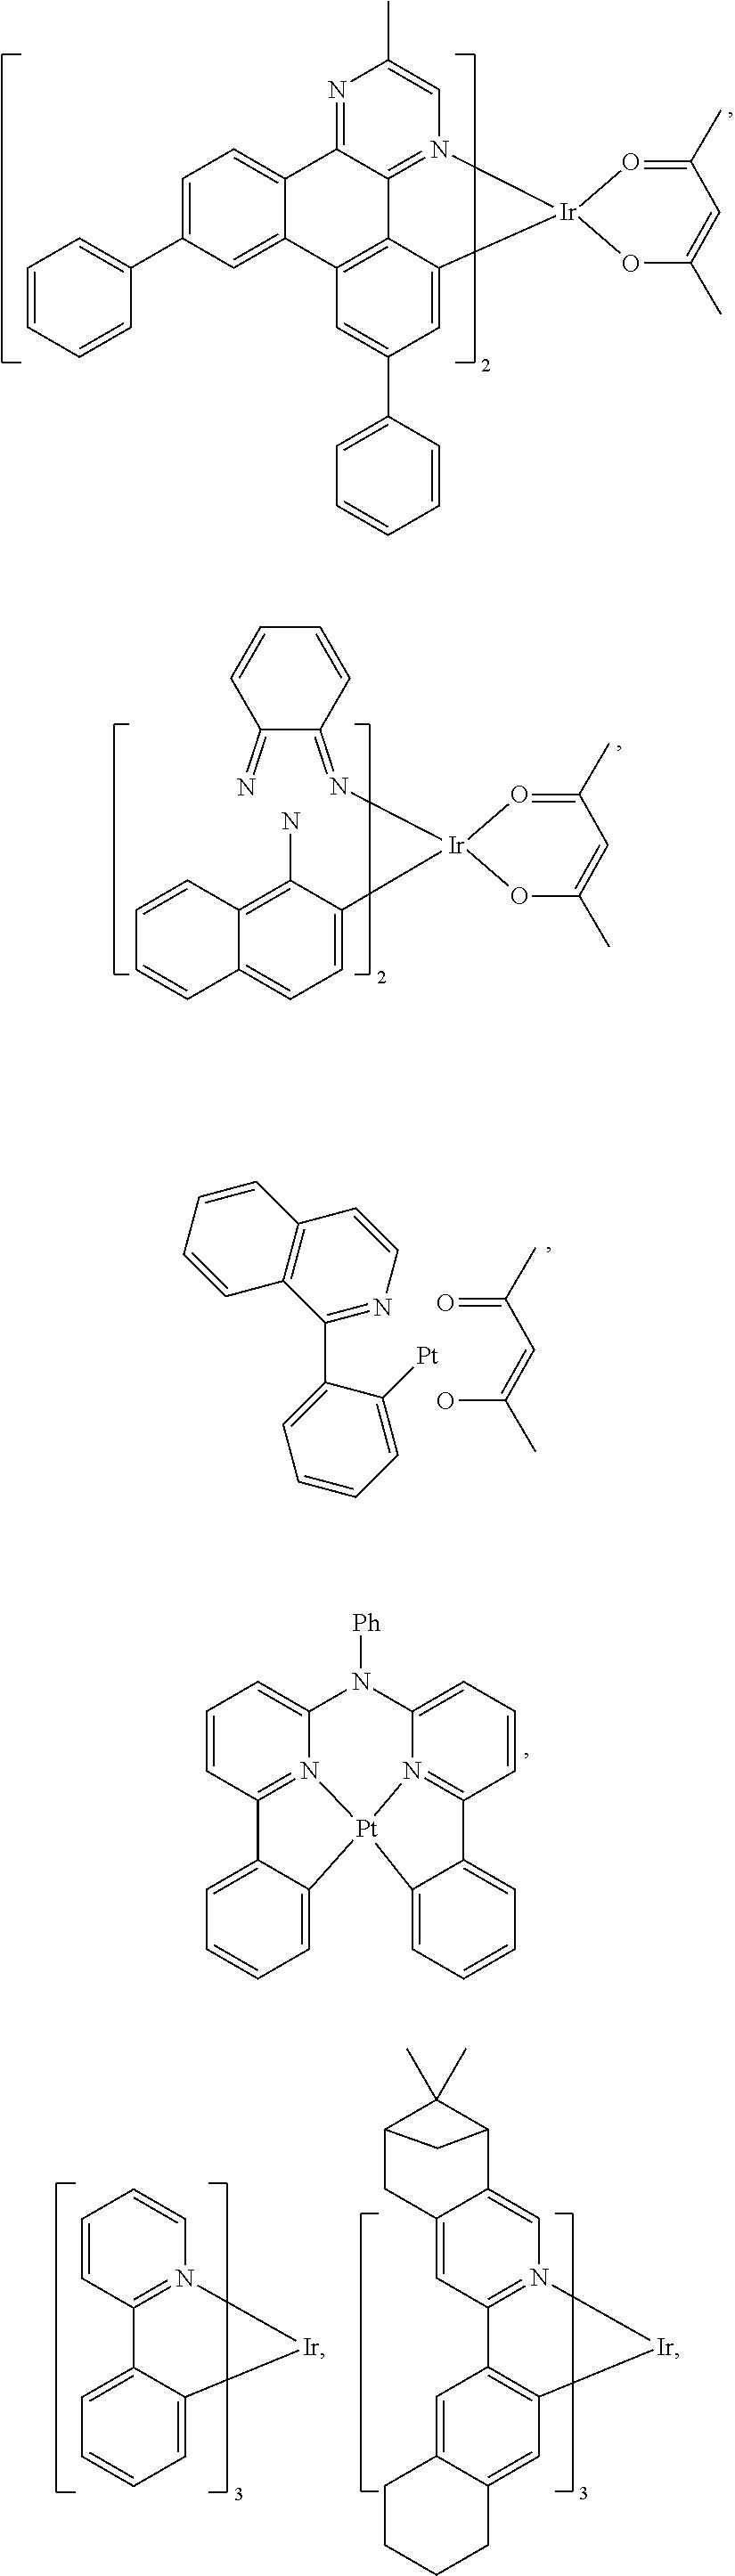 Figure US09859510-20180102-C00071